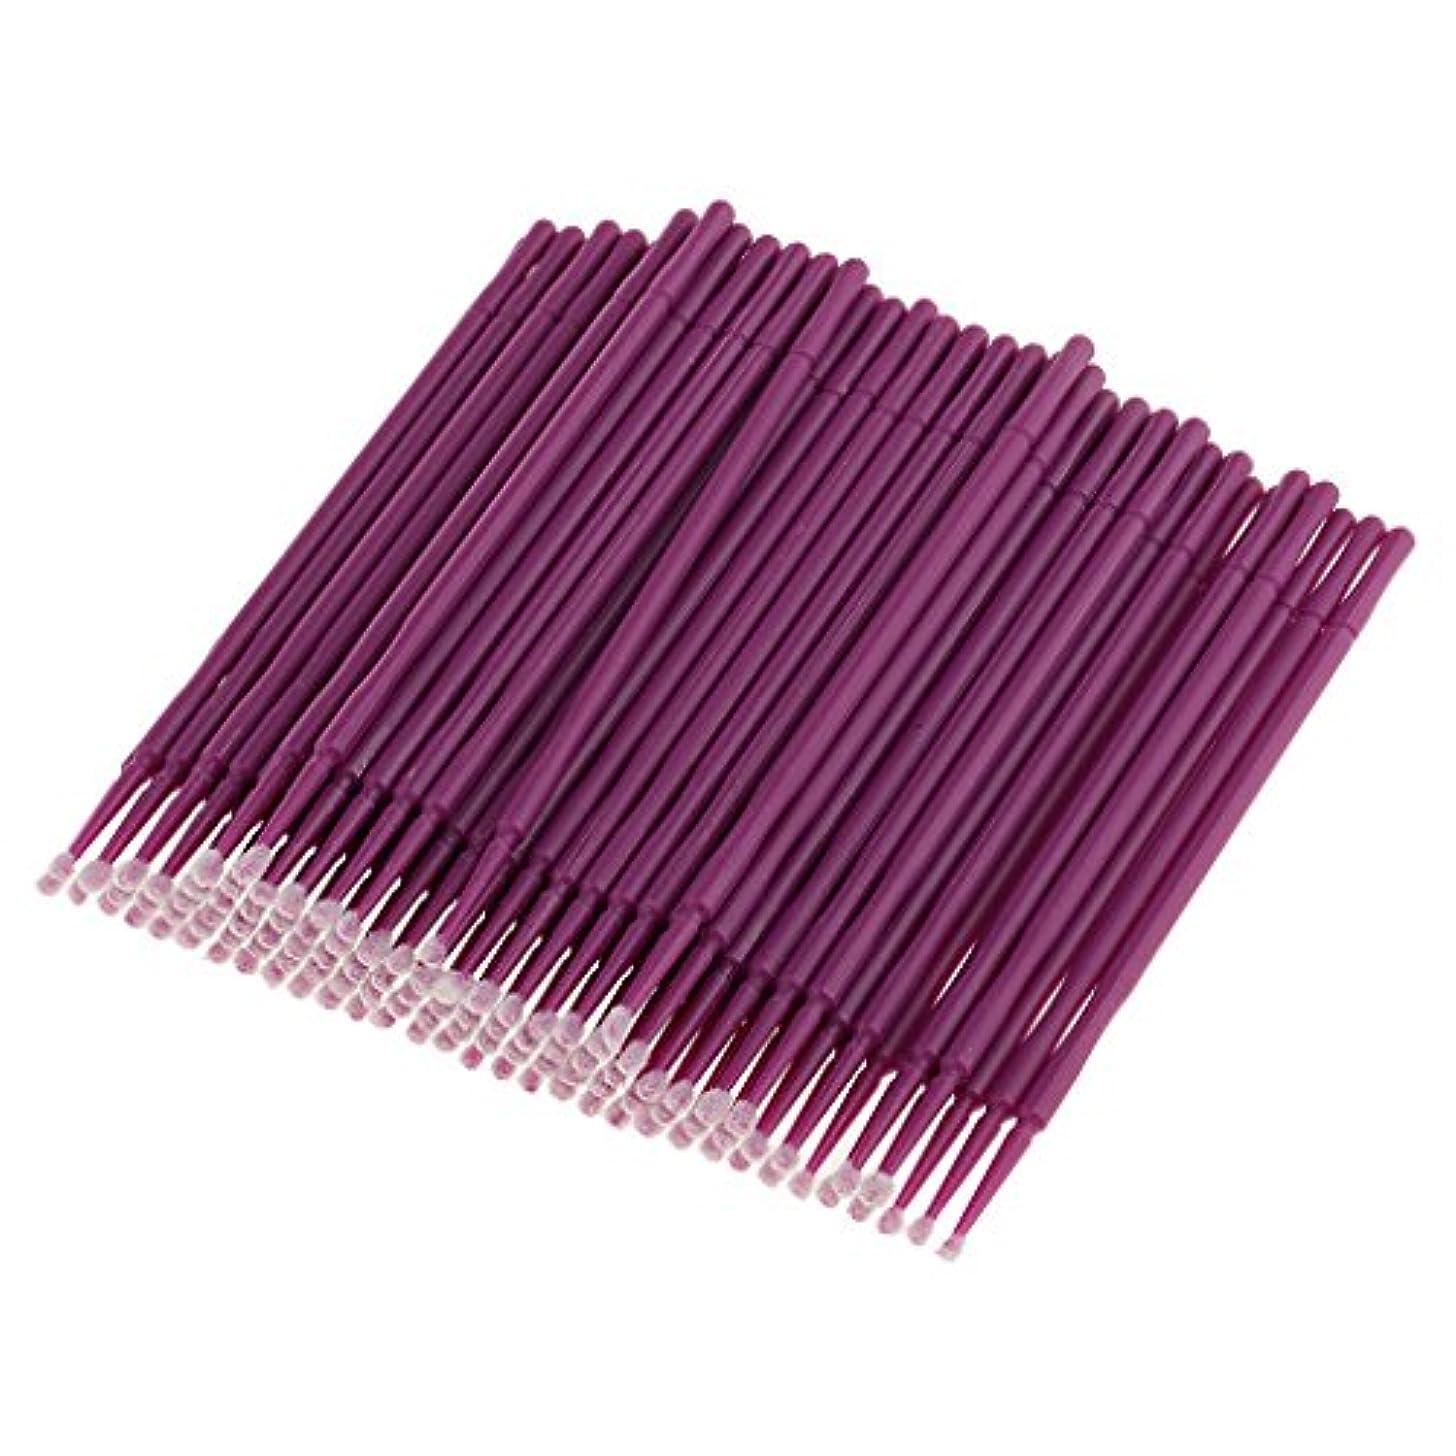 調和のとれた運賃マンモスPerfk 約100本 使い捨て まつげエステ 美容用具 マイクロブラシ アプリケーター ミニヒントタイプ マスカラ パープル